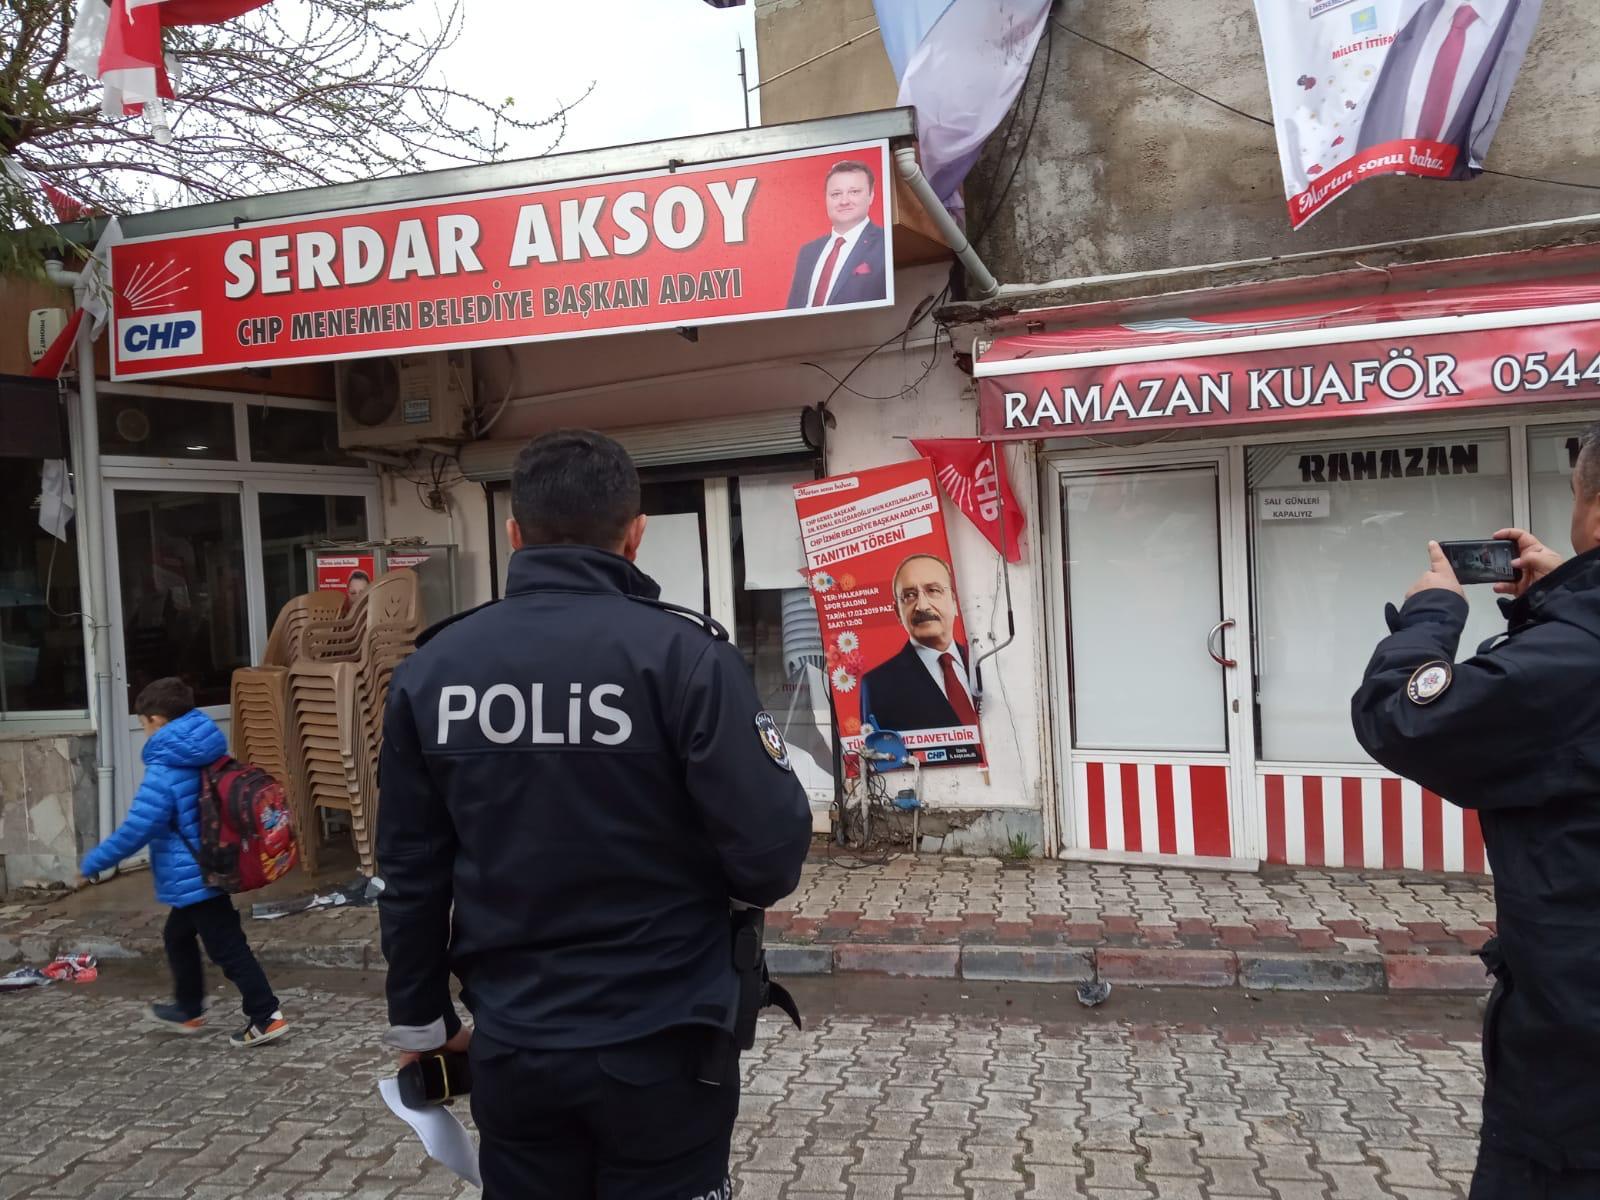 İzmir'de seçim bürosuna gerçekleştirilen saldırıdan kareler 1